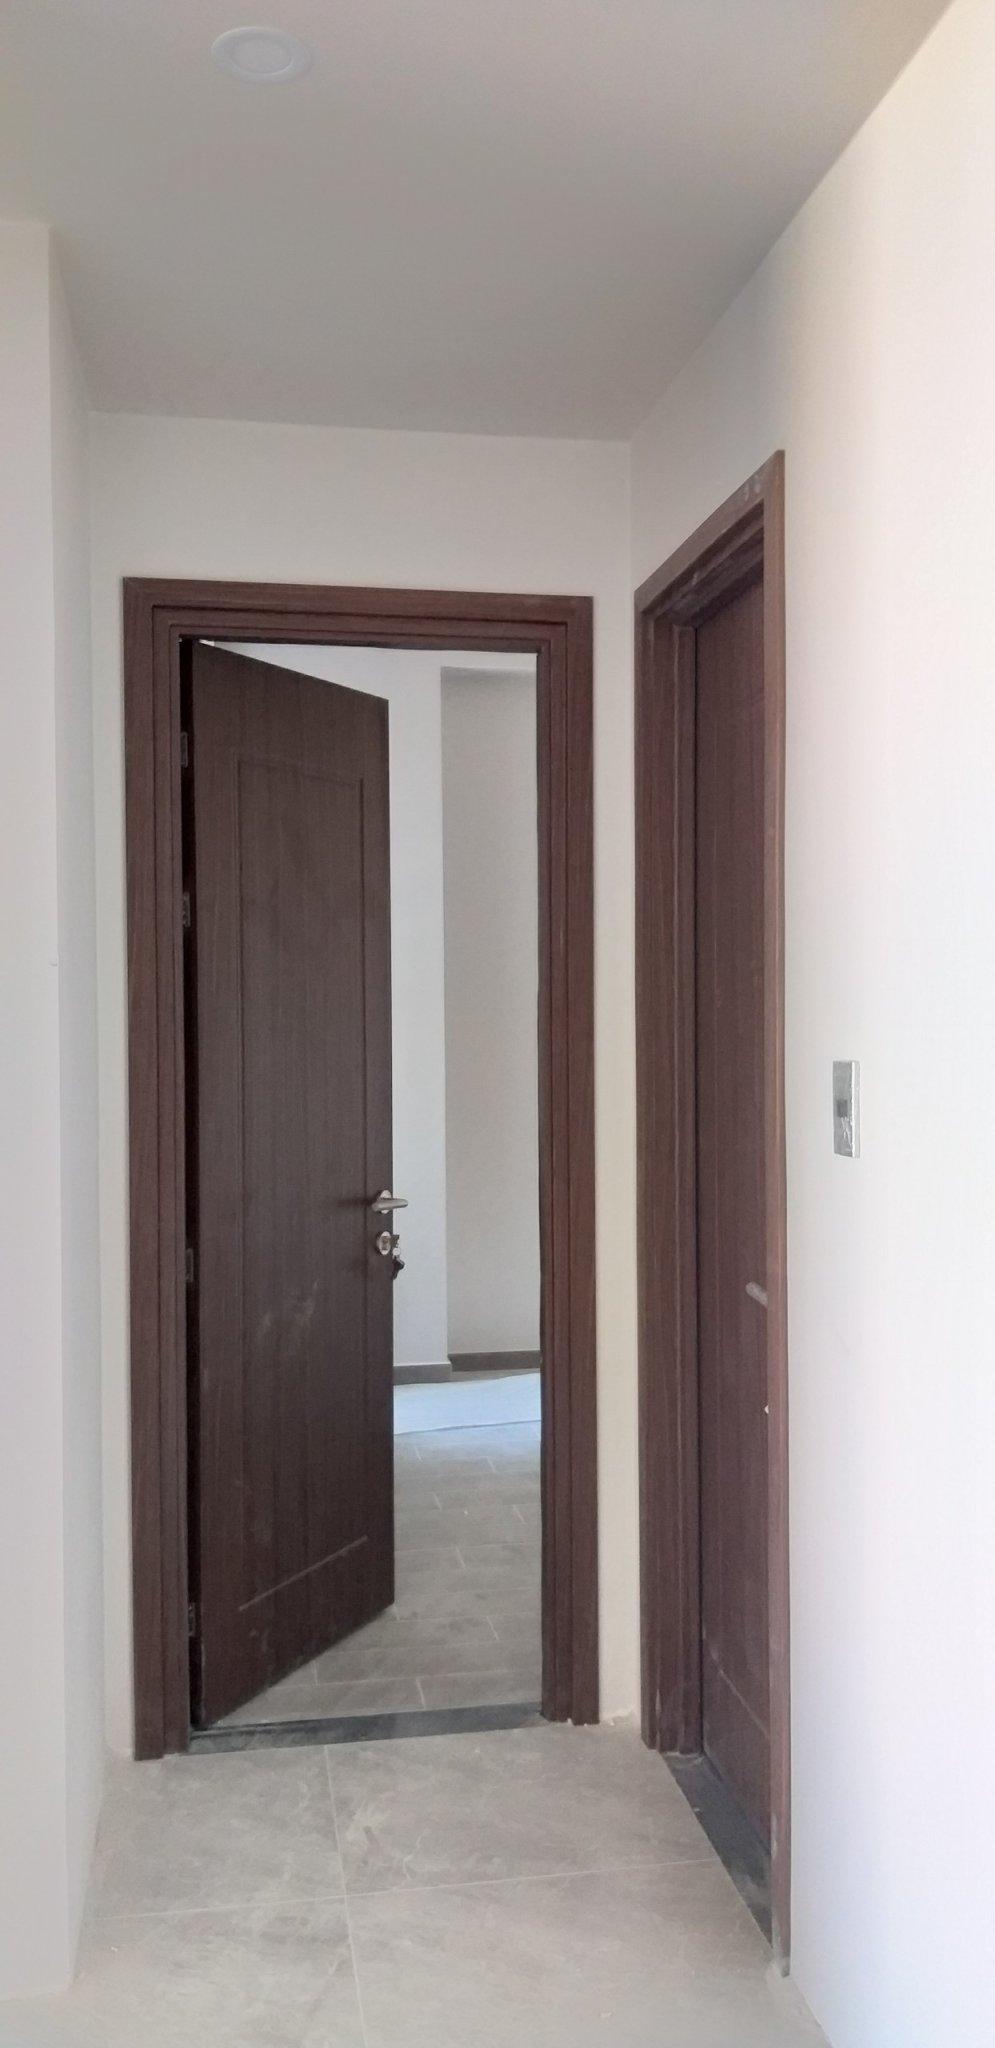 cửa nhựa giả gỗ nhà vệ sinh